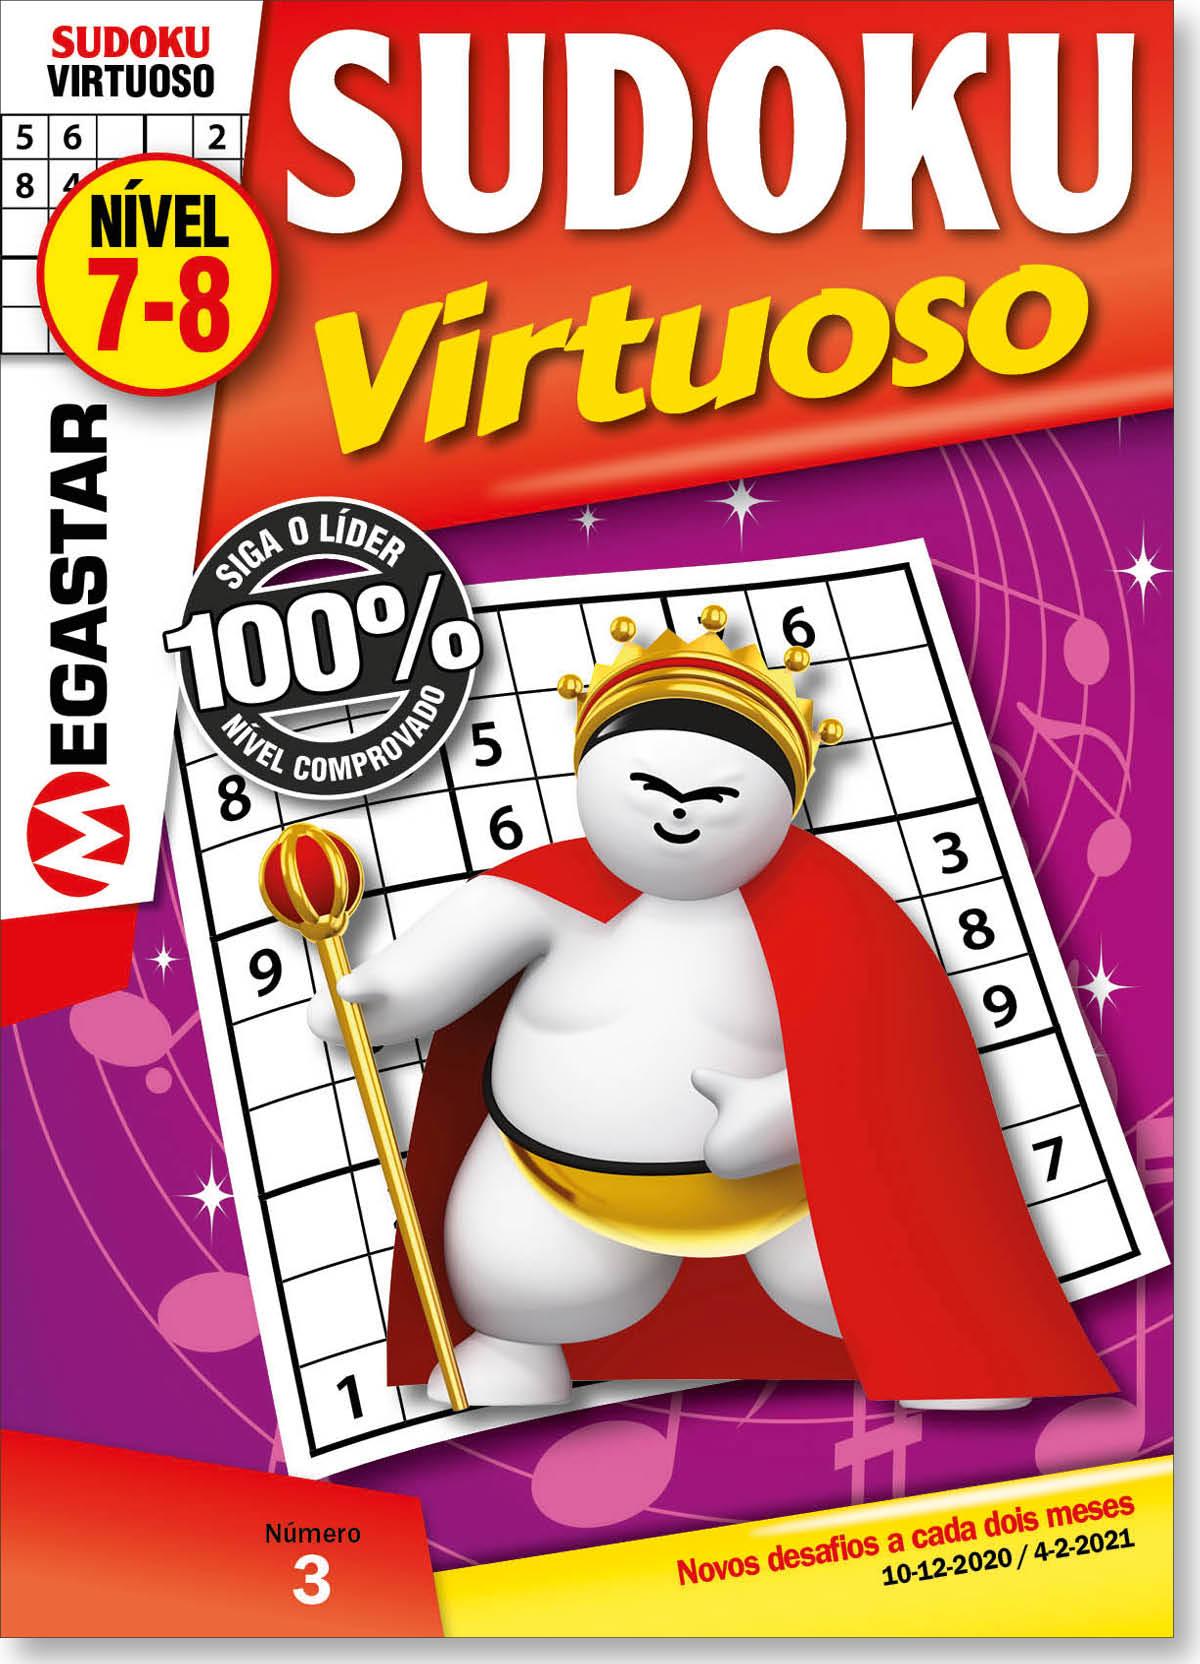 Sudoku virtuoso 7-8